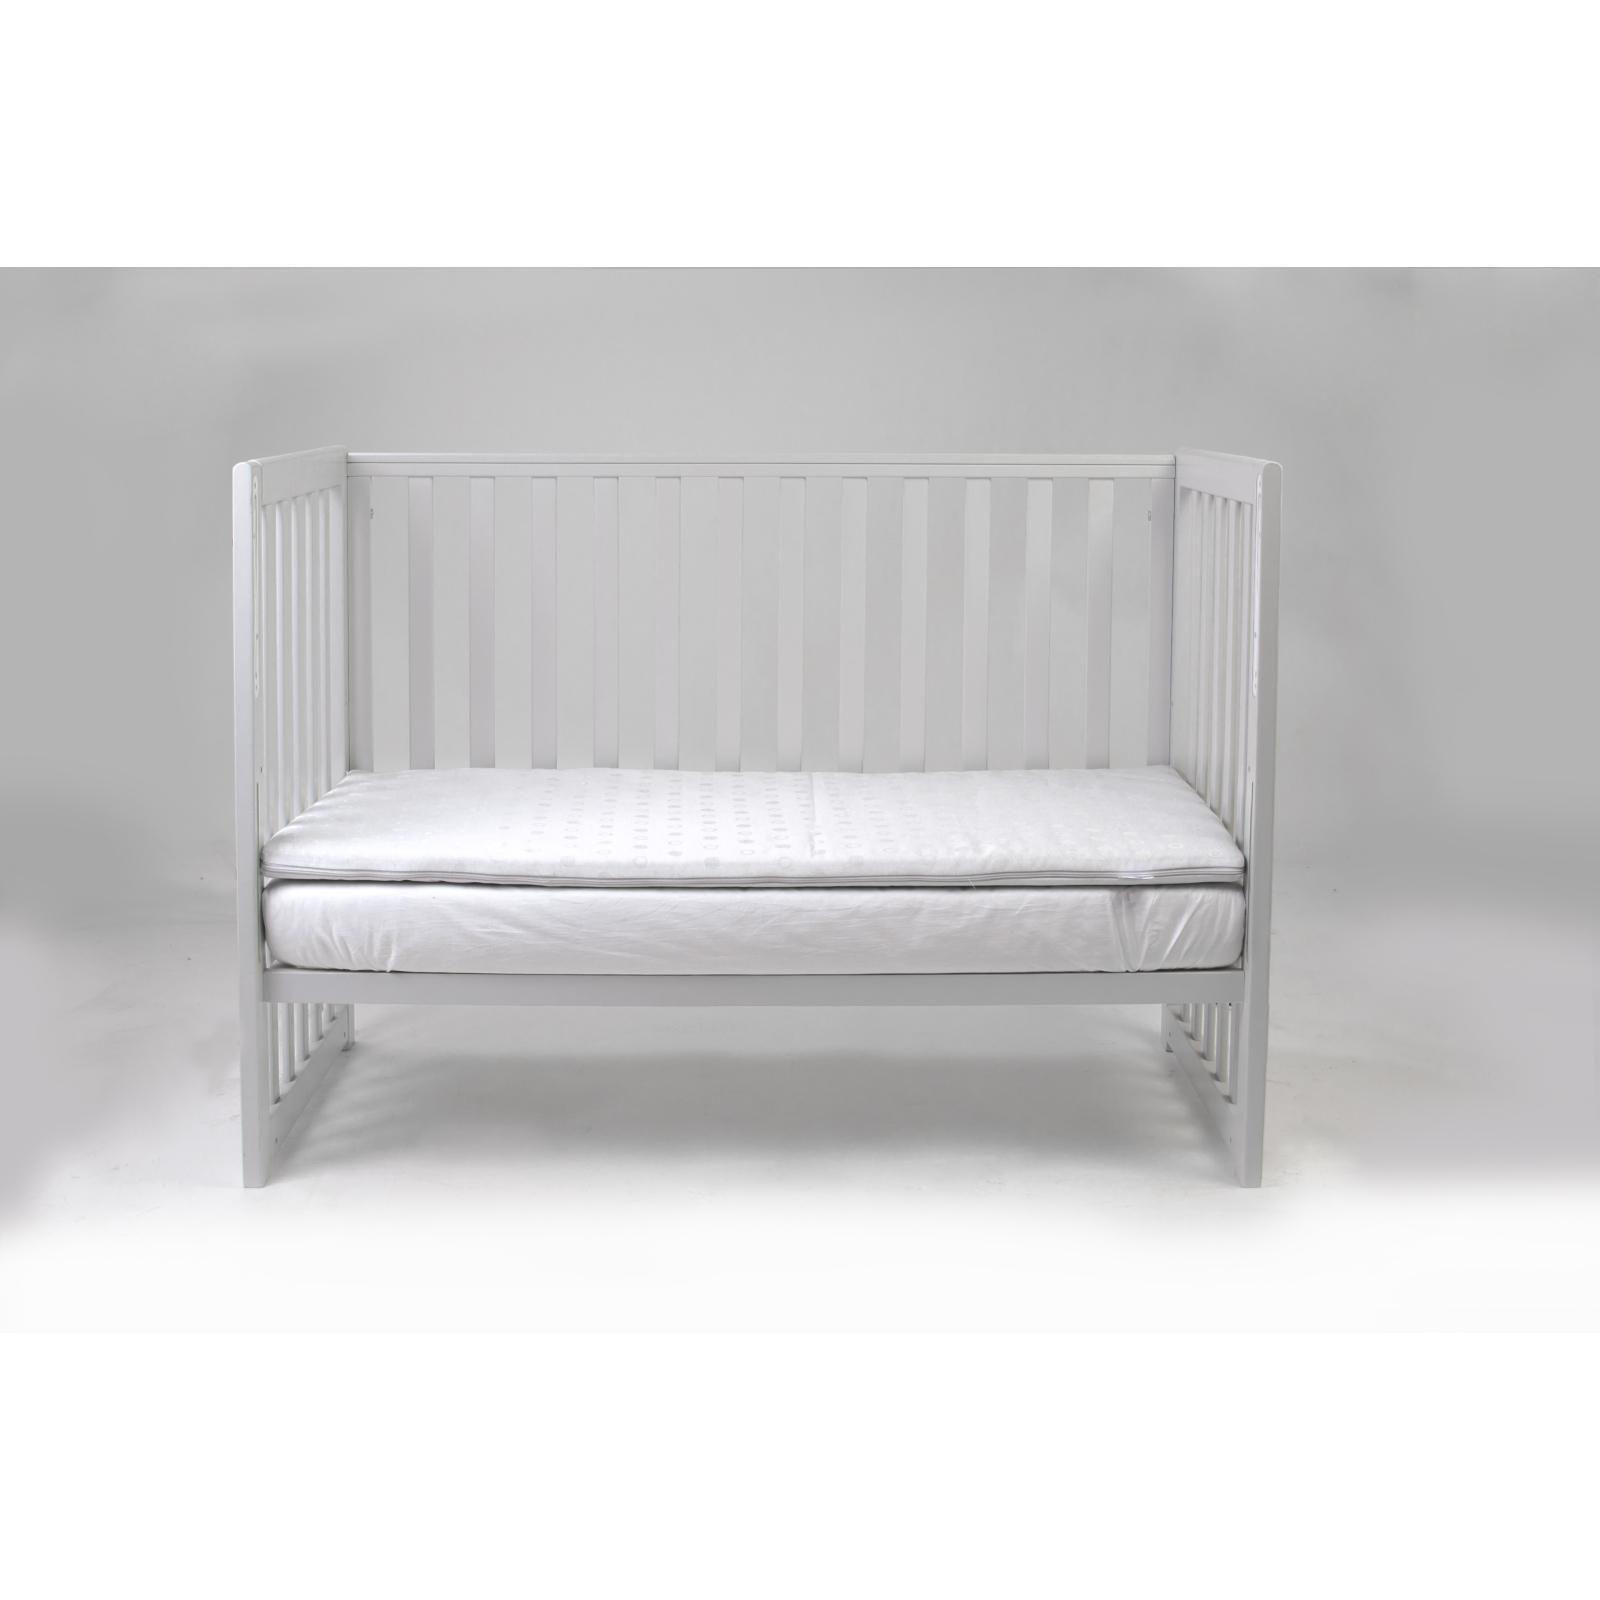 Матрас для детской кроватки Верес Cocos 120*60*3,5 см (топпер) (54.1.01) изображение 4